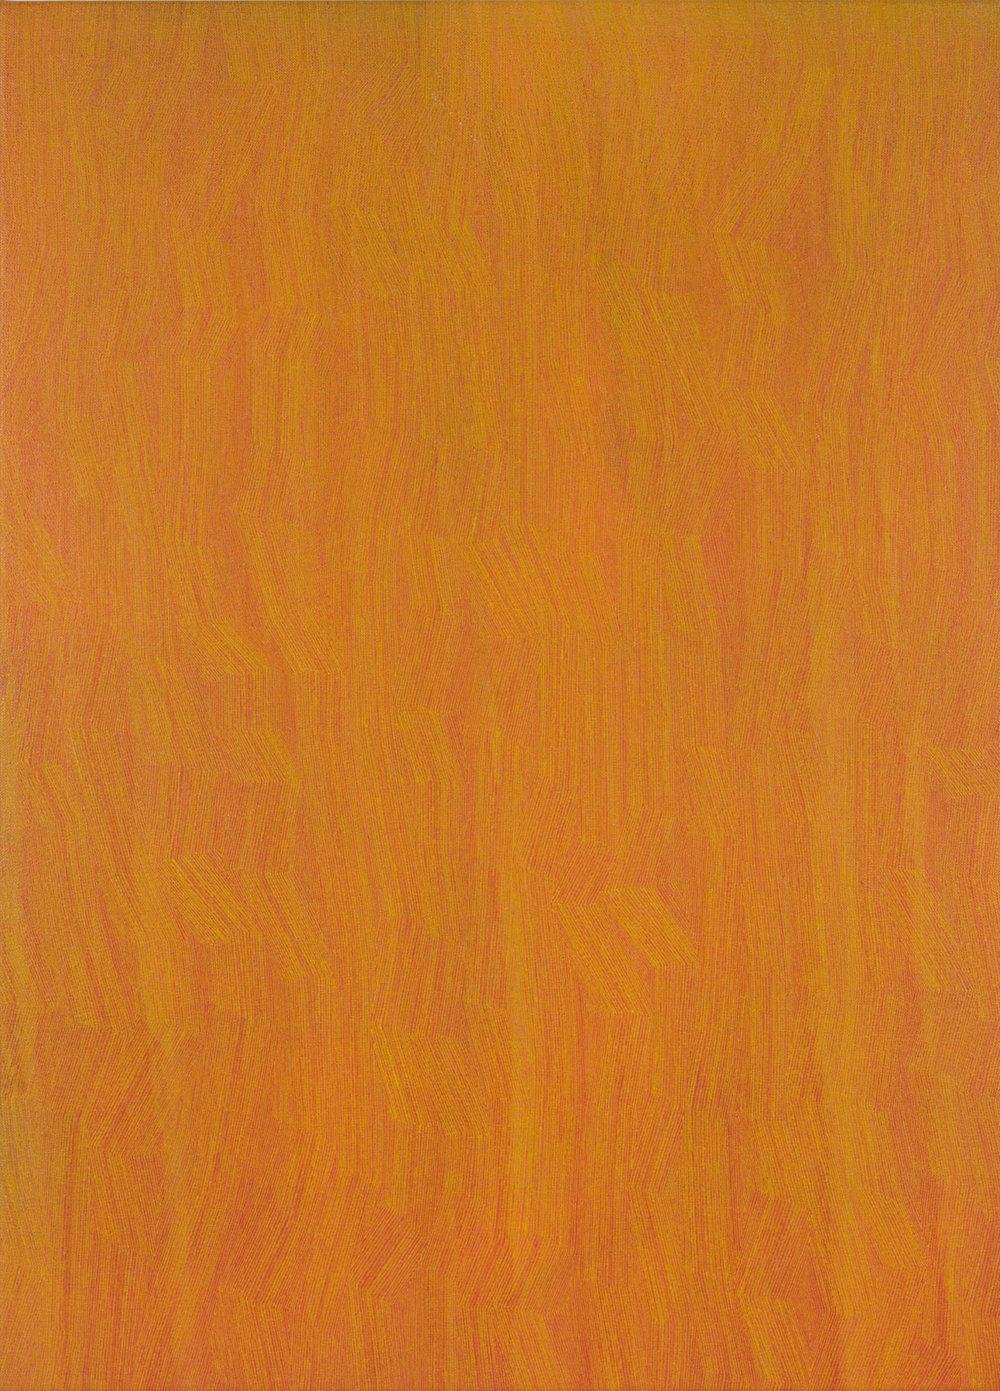 KARL WIEBKE  49-17 yellow on orange , 2017 acrylic on linen 83 x 60 cm